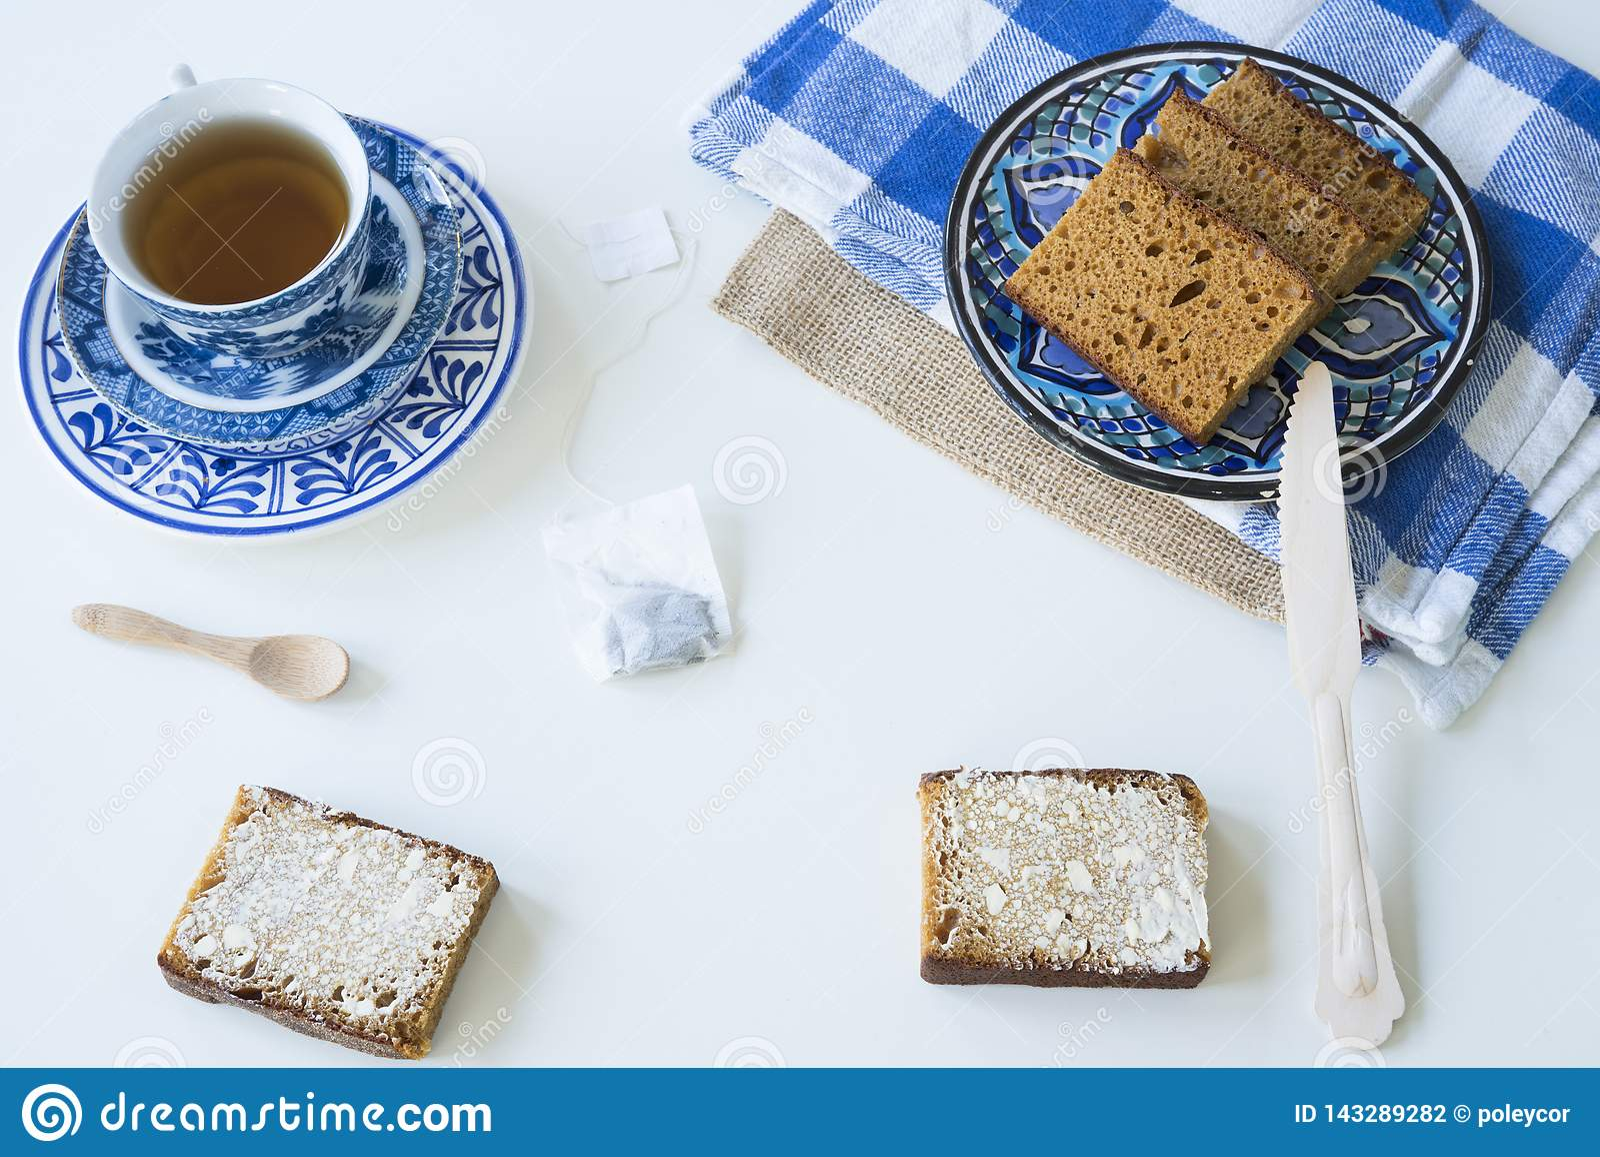 Spiced завтрак с традиционное голландским испек вызванные ontbijtkoek или peperkoek чашка чаю, белая предпосылка